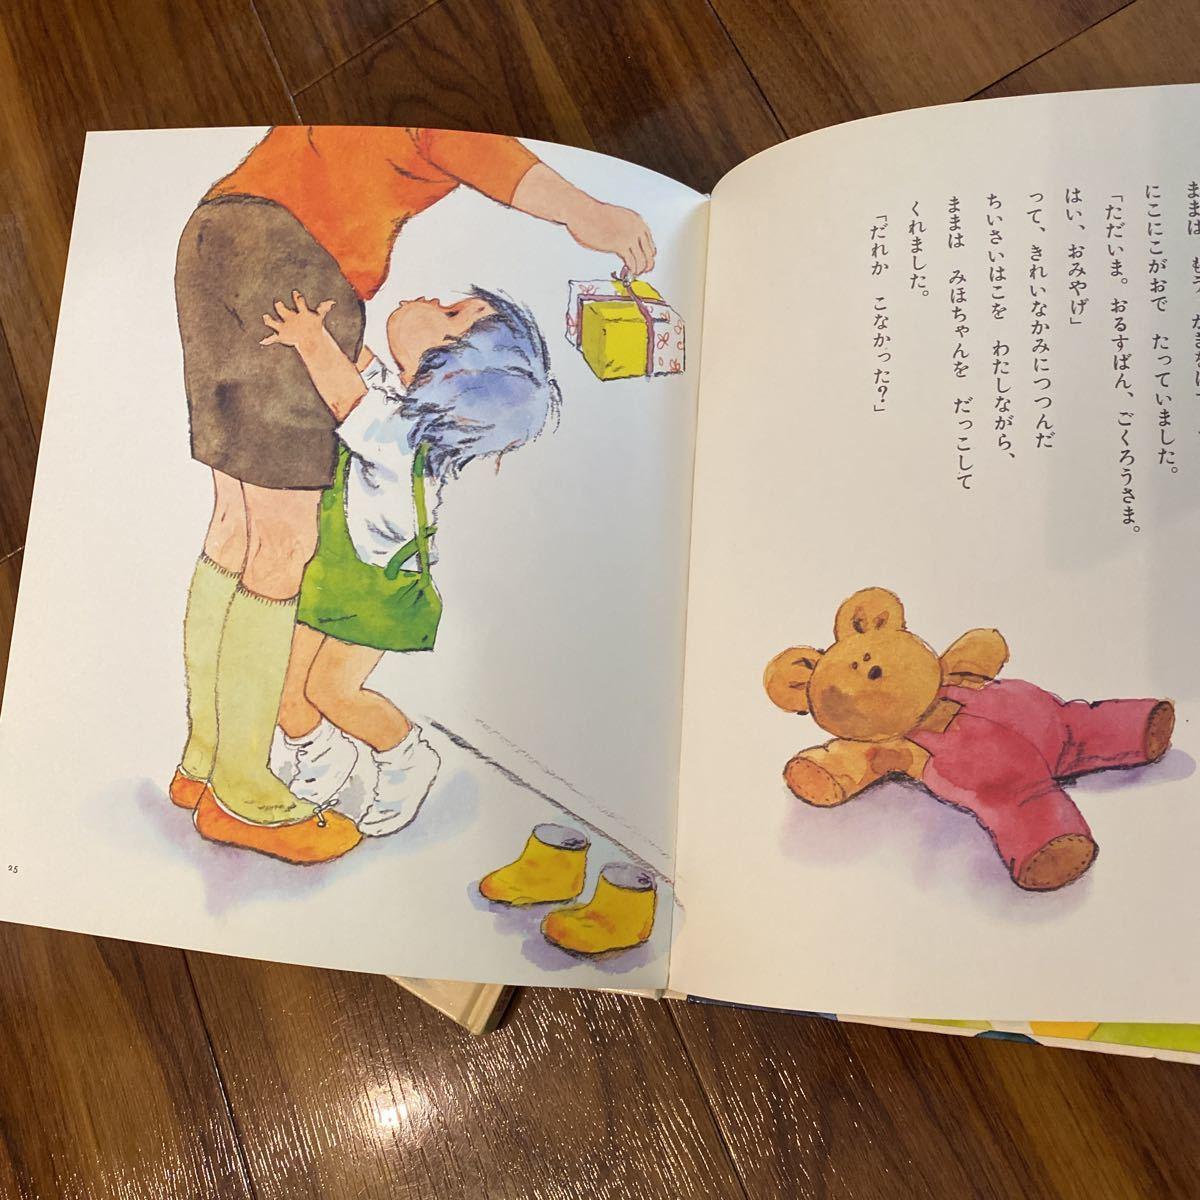 絵本セット おねえちゃん おにいちゃん 童心社 岩崎書店 しみずみちを 大友のり子 東君平 きょうだい絵本 幼児 園児 読み聞かせ